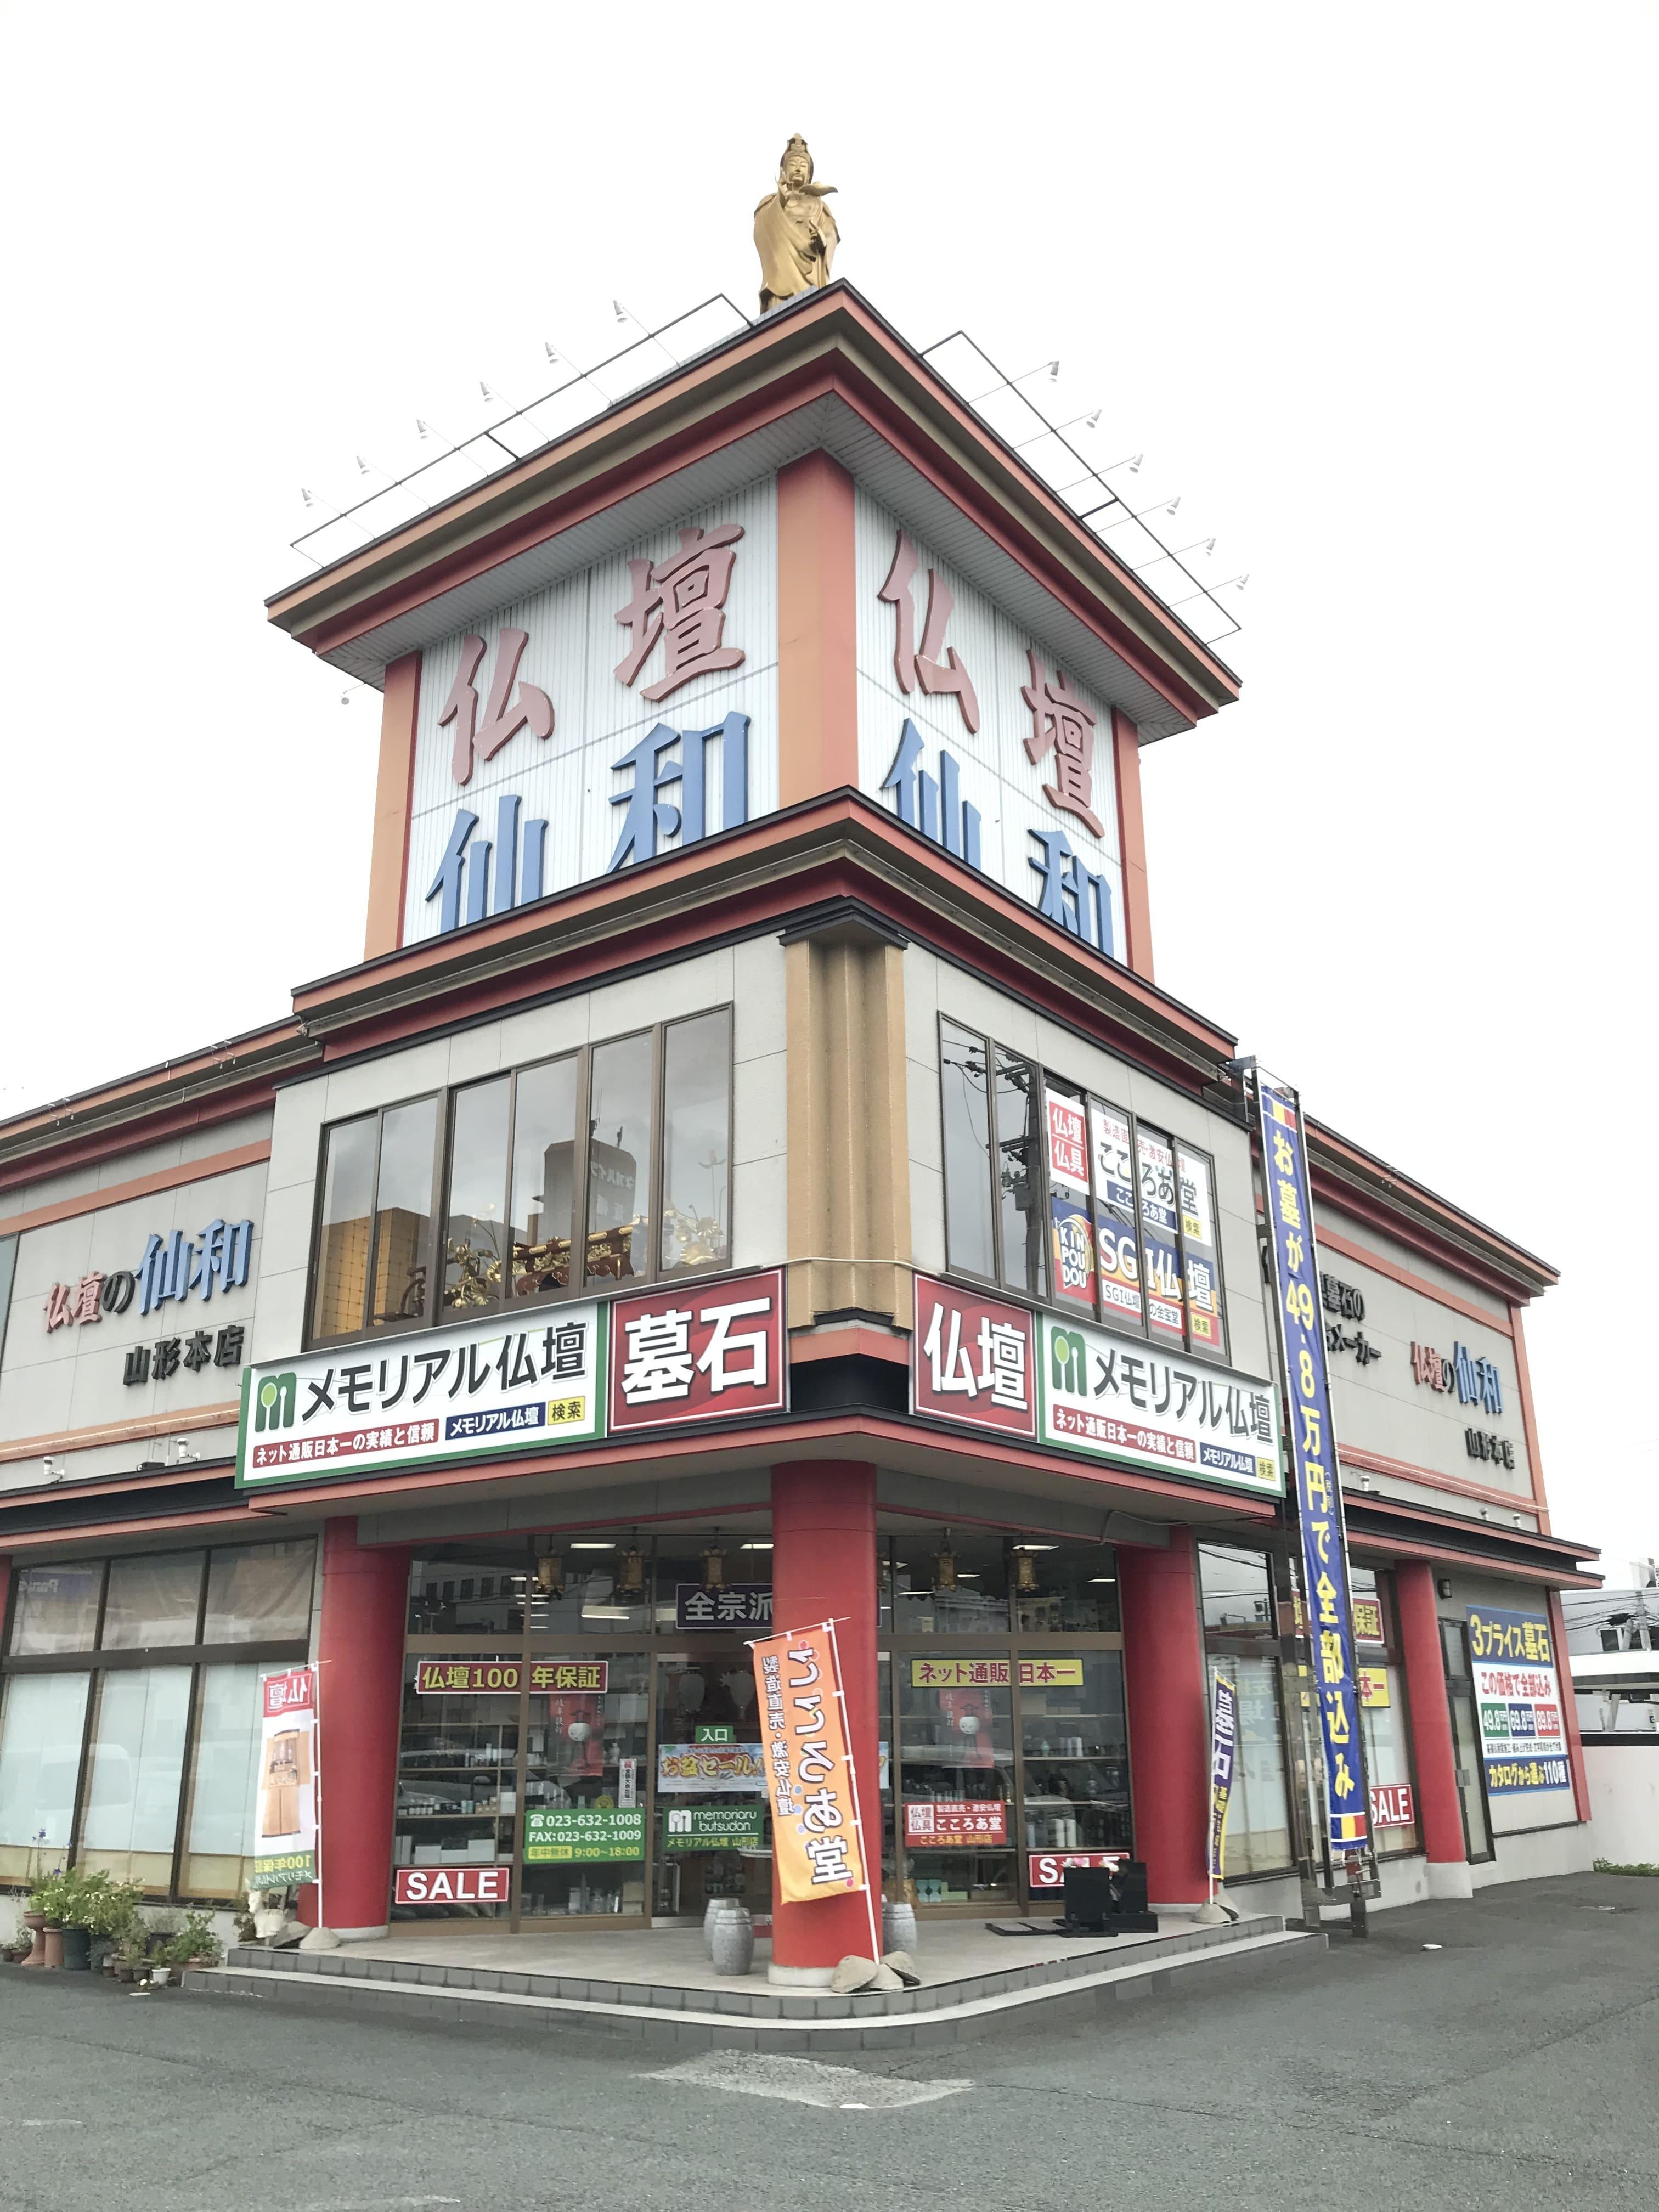 国道286号線沿いにある店舗外観